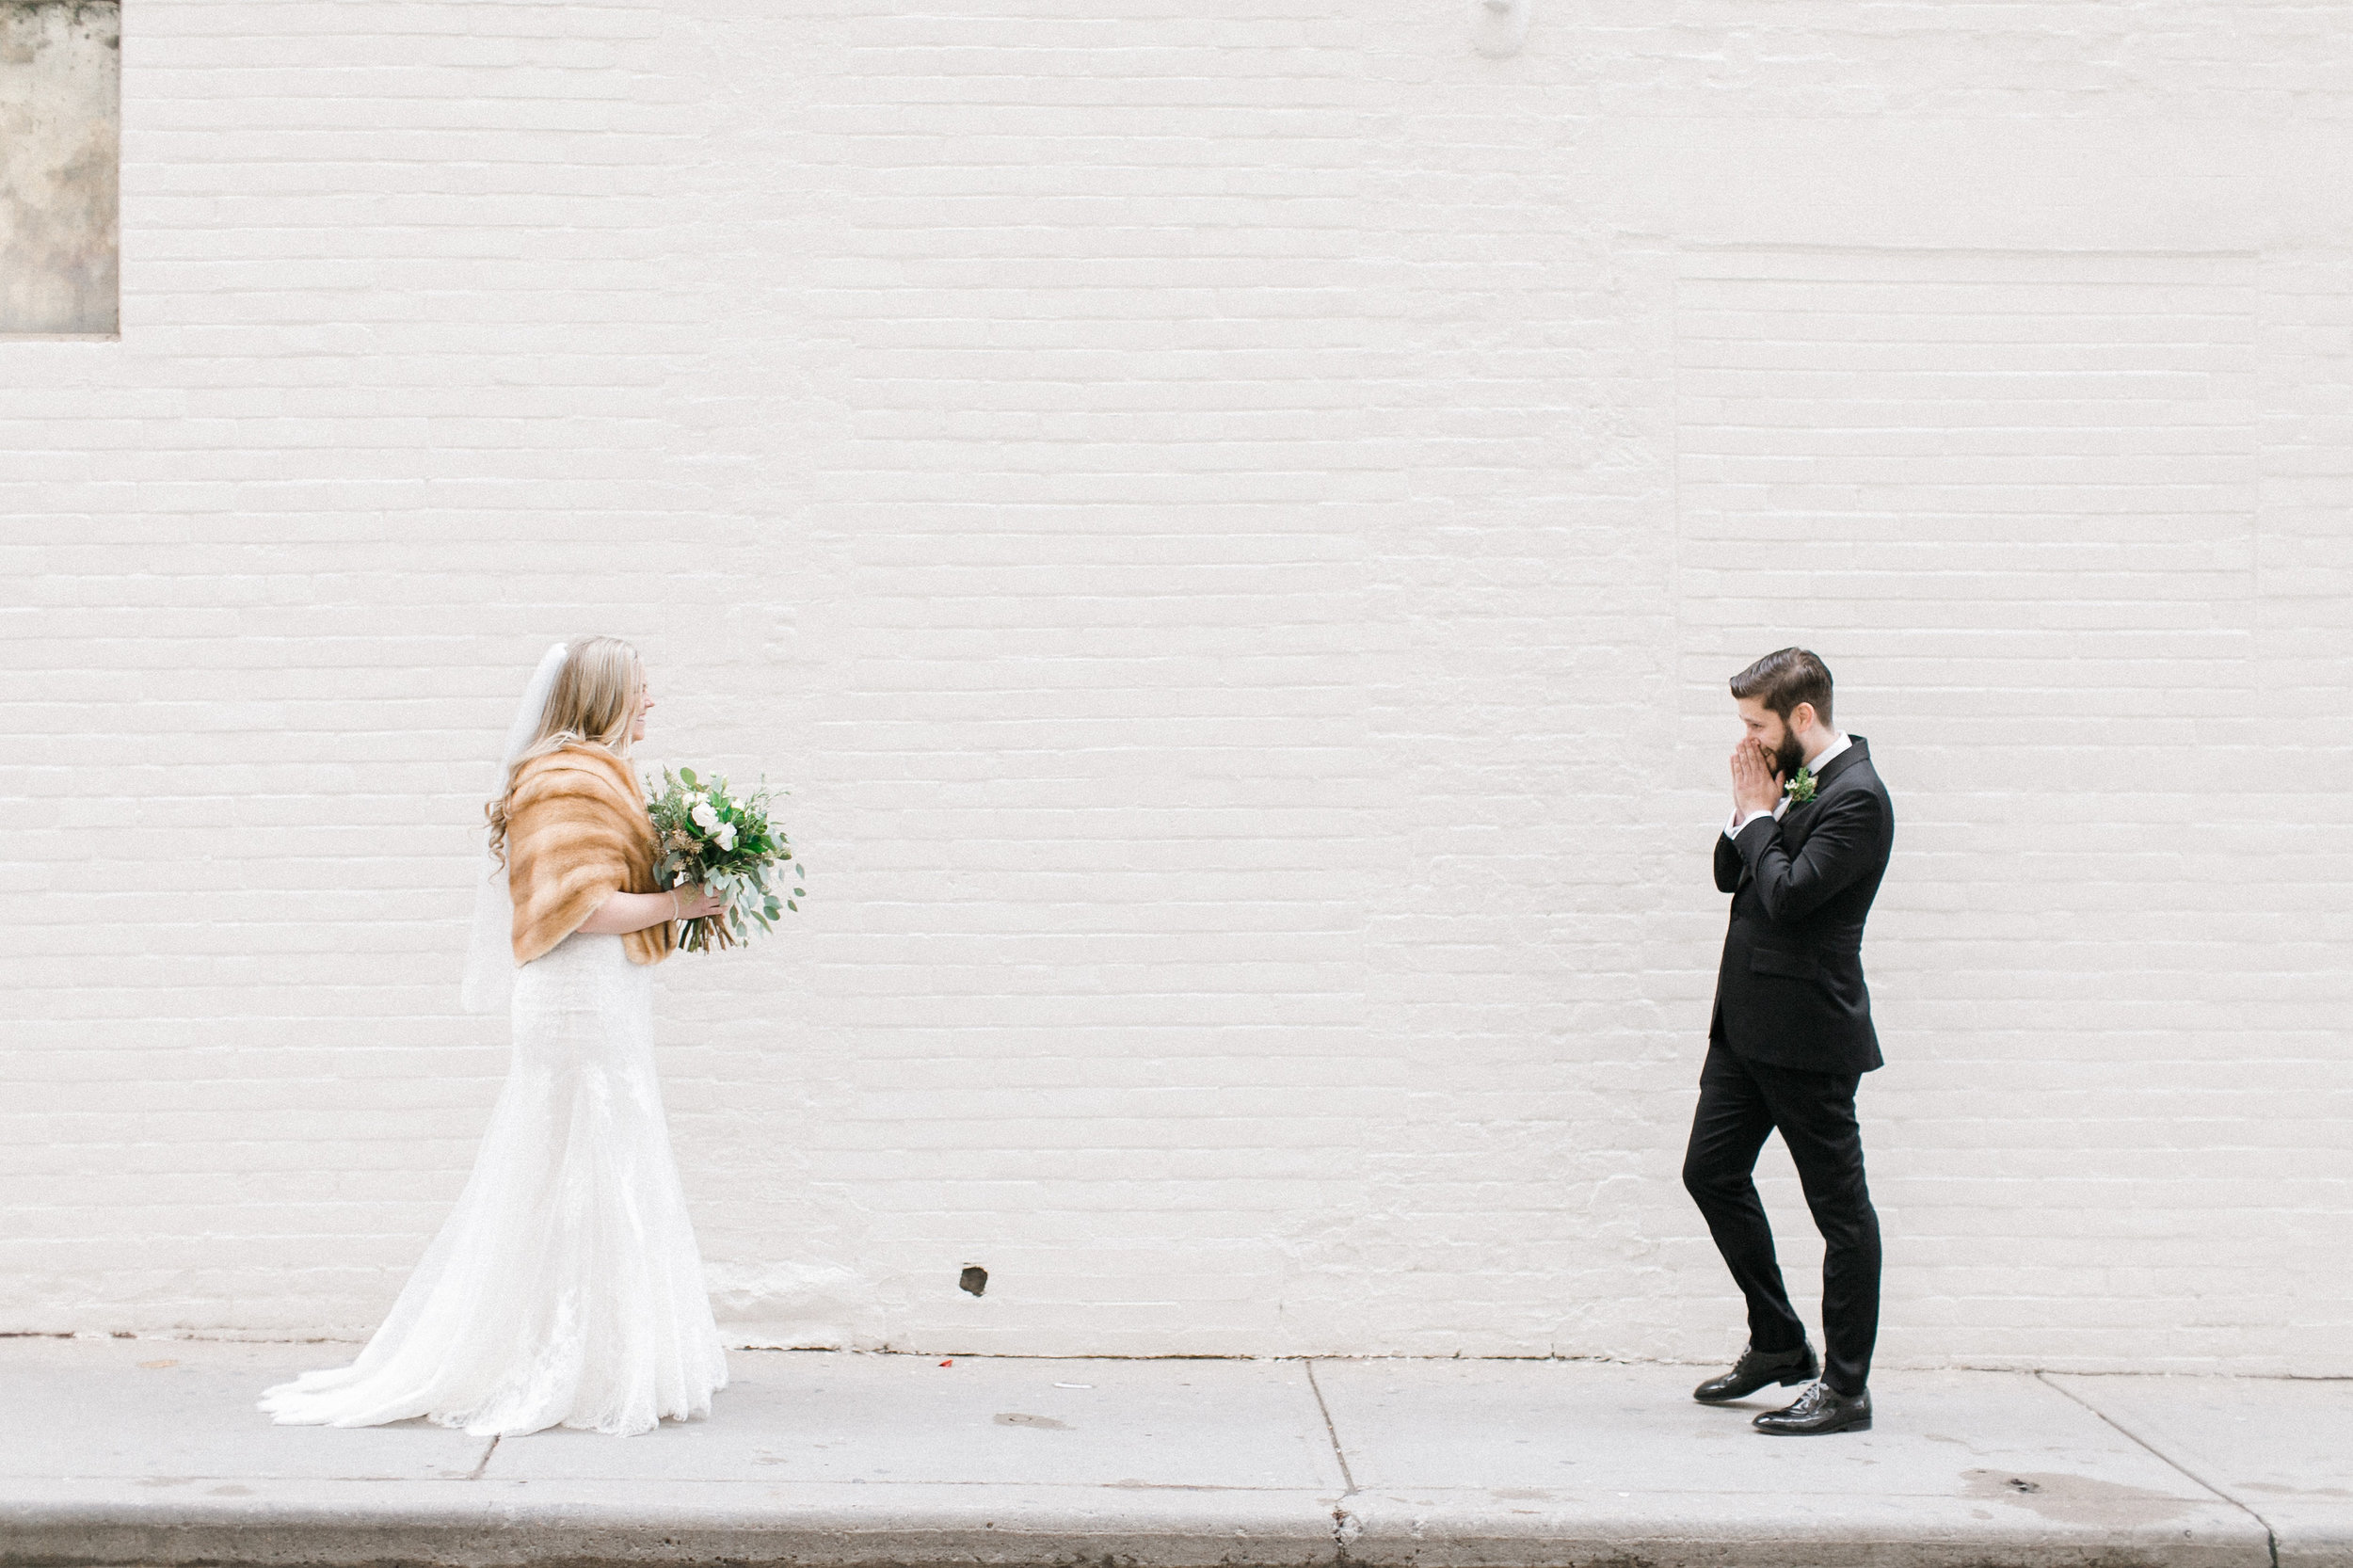 toronto-wedding-photographer-richelle-hunter-lauren-seb-159.jpg